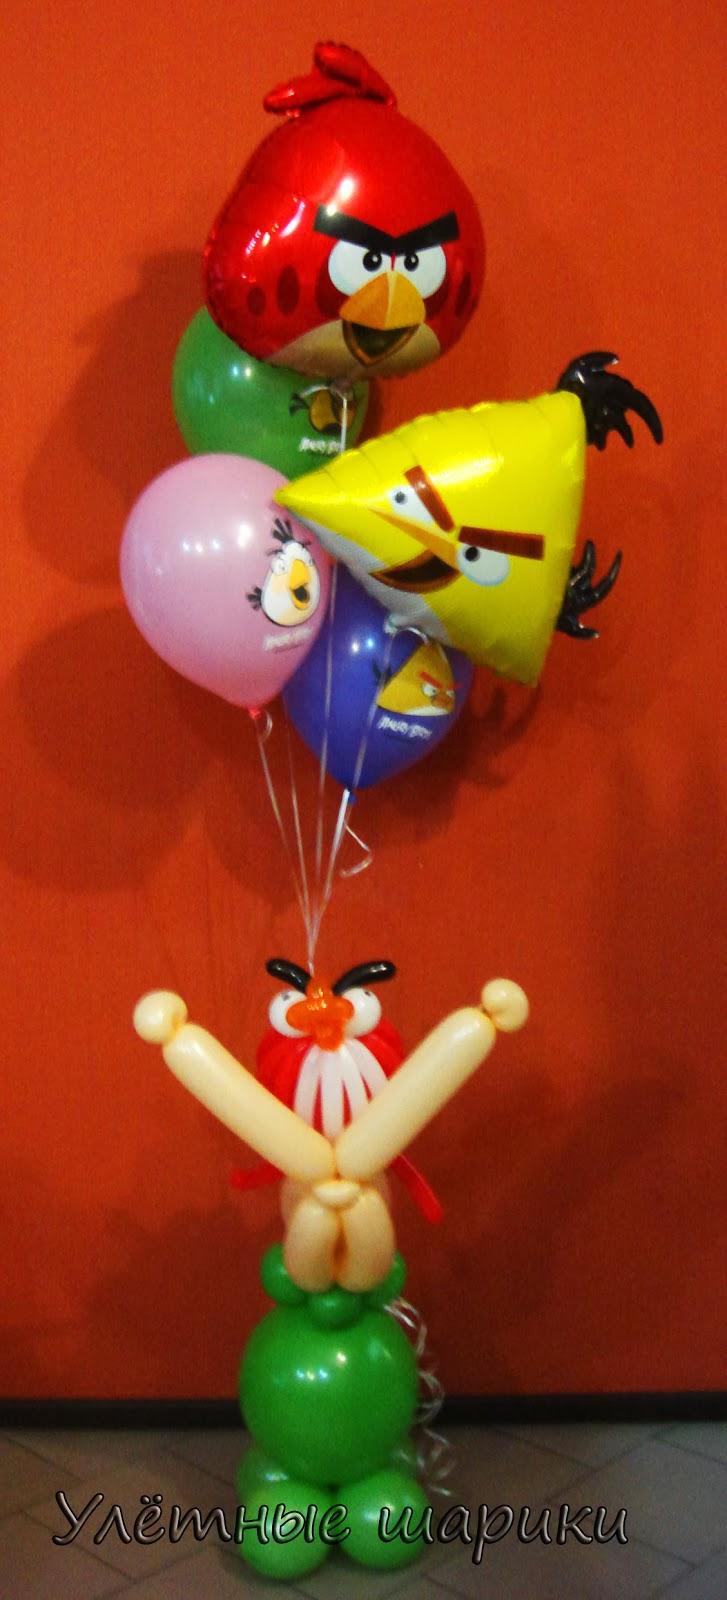 Композиция из воздушных  шариков с Angry birds